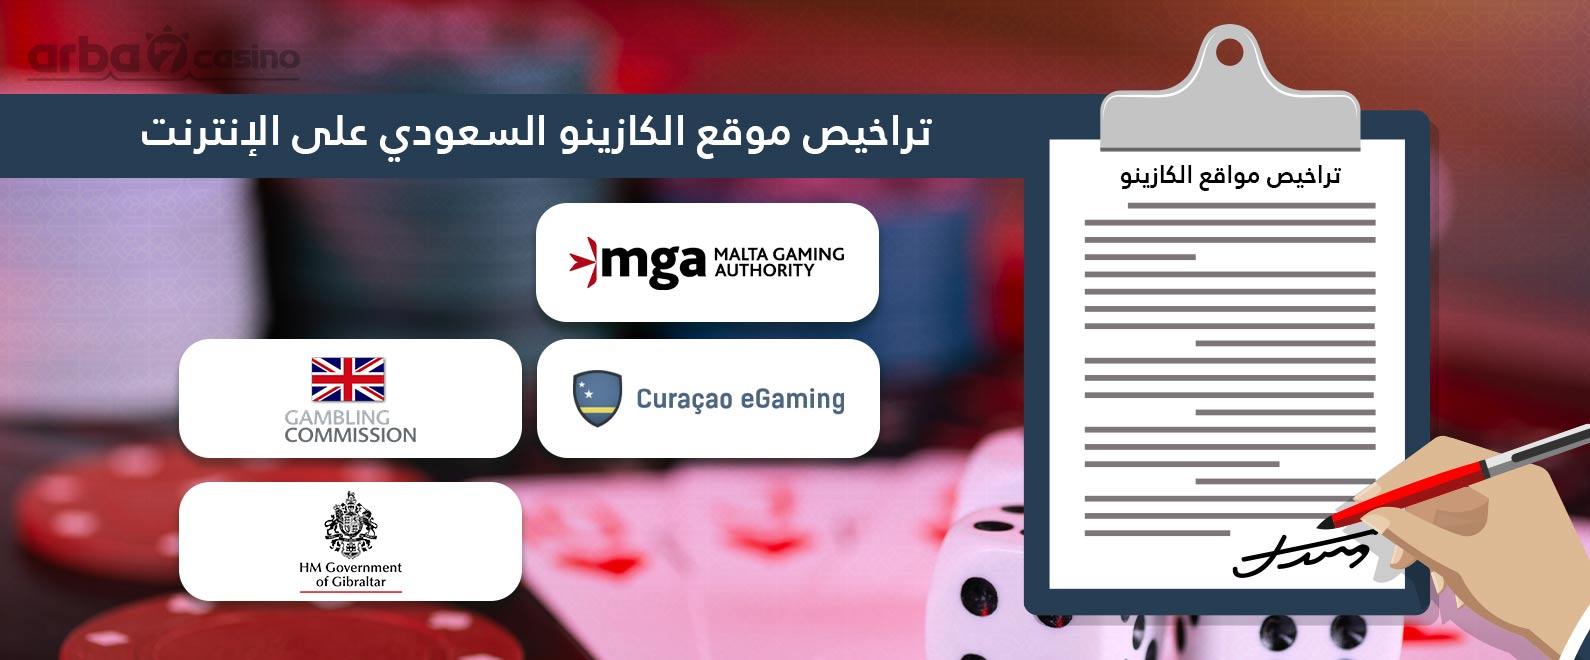 مواقع كازينو مرخصة في السعودية